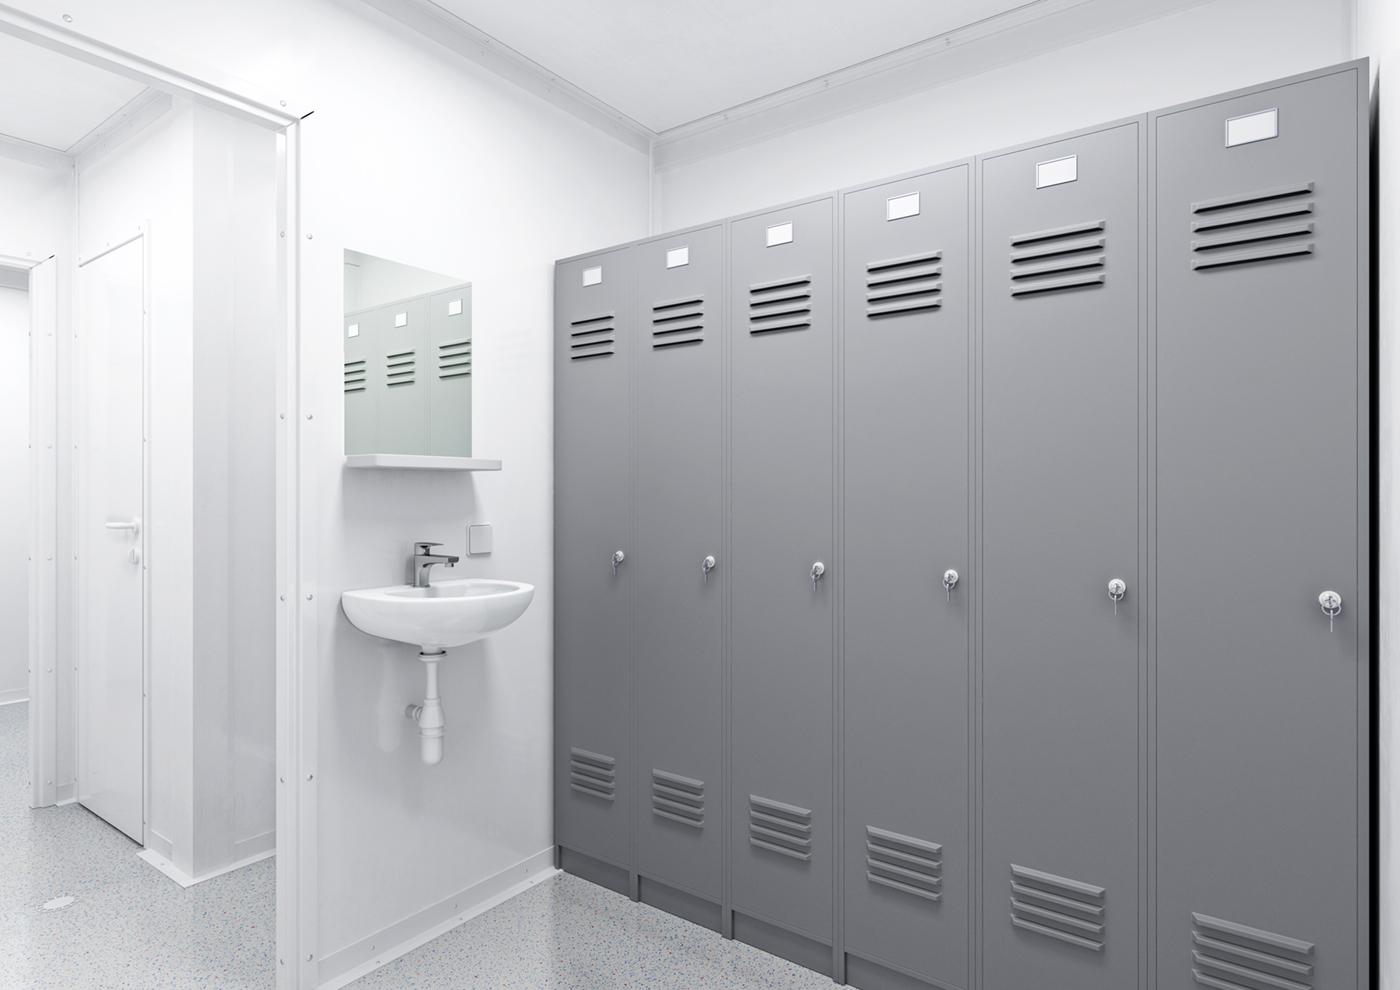 der optimale sanit rcontainer f r den umgang mit gefahrstoffen toi toi dixi. Black Bedroom Furniture Sets. Home Design Ideas